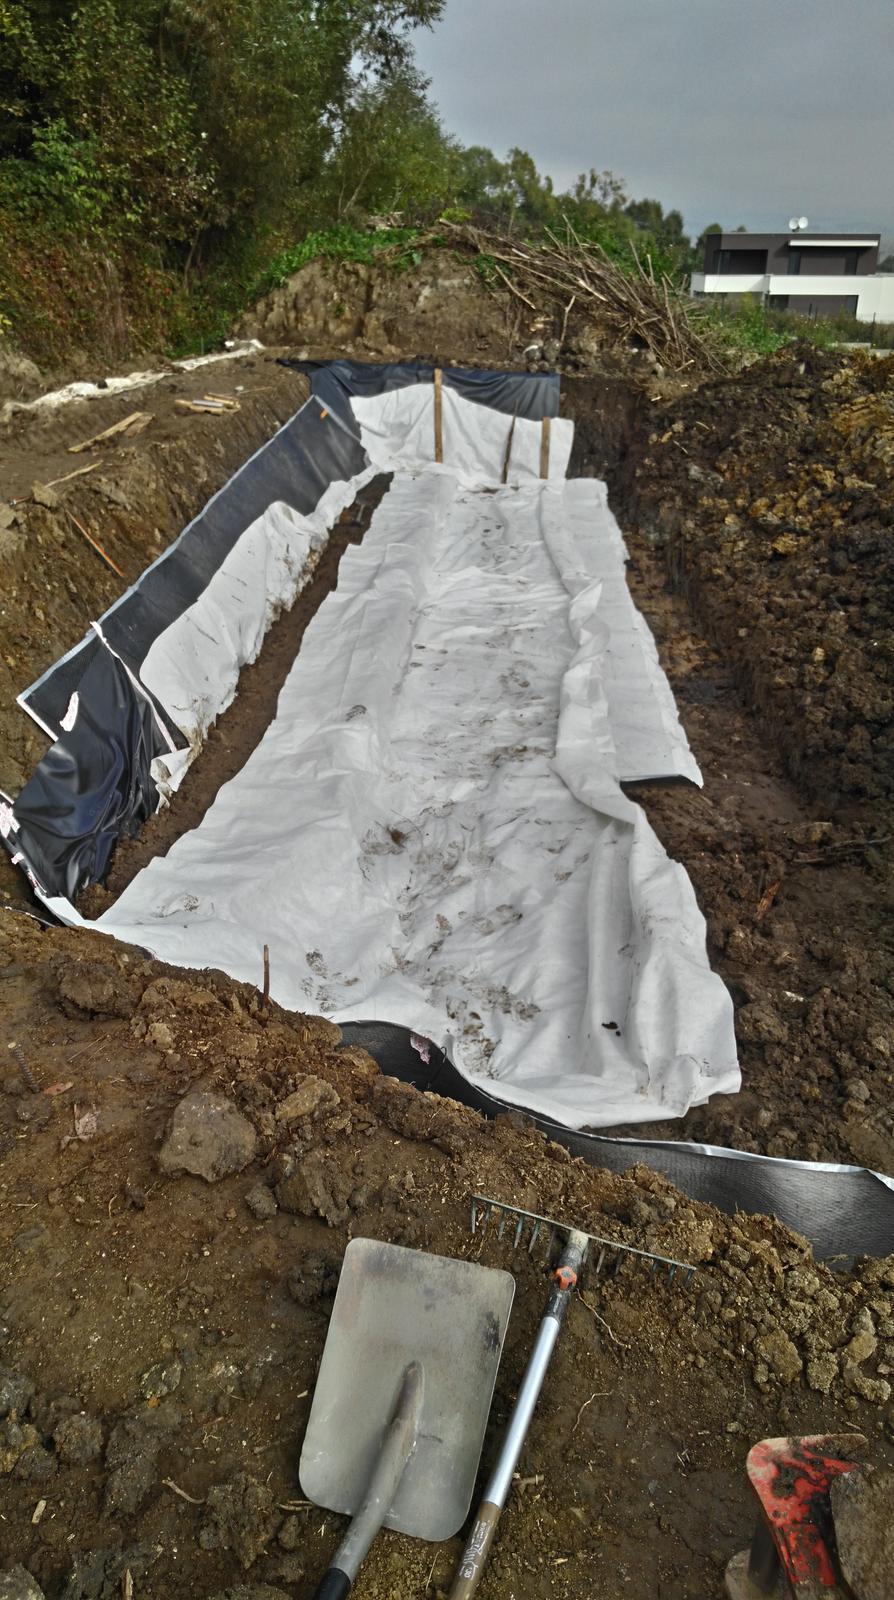 16. Problematický pozemok ( doplnené 21.8.2020 ) - 2019 10 Zľava : Na vrchole valu 1. tesniaca fóliu s geotextíliou. O svah opretá drenážno-tesniaci geokompozit. Rozprestretá geotextília pod budúcim vankúšom zo štrkodrvy s naväzujúcim vodorovným geokompozitom.